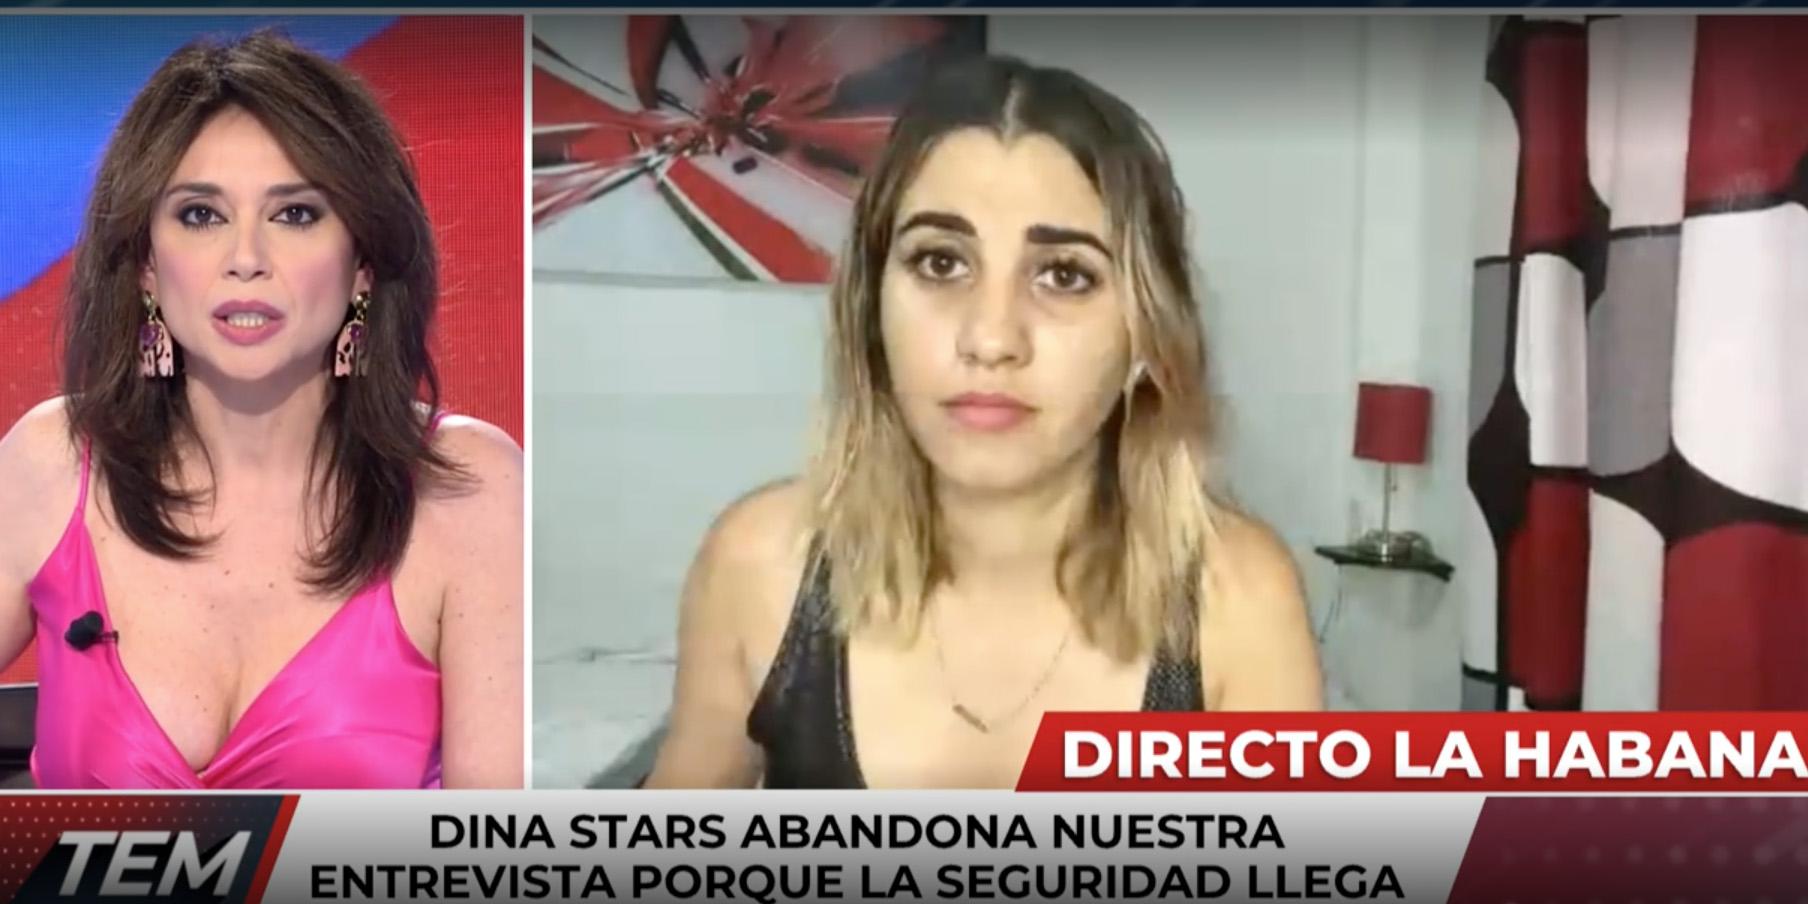 La Policía de Cuba 'secuestra' a la youtuber Dina Stars en directo y en mitad de una entrevista con 'Todo es mentira'